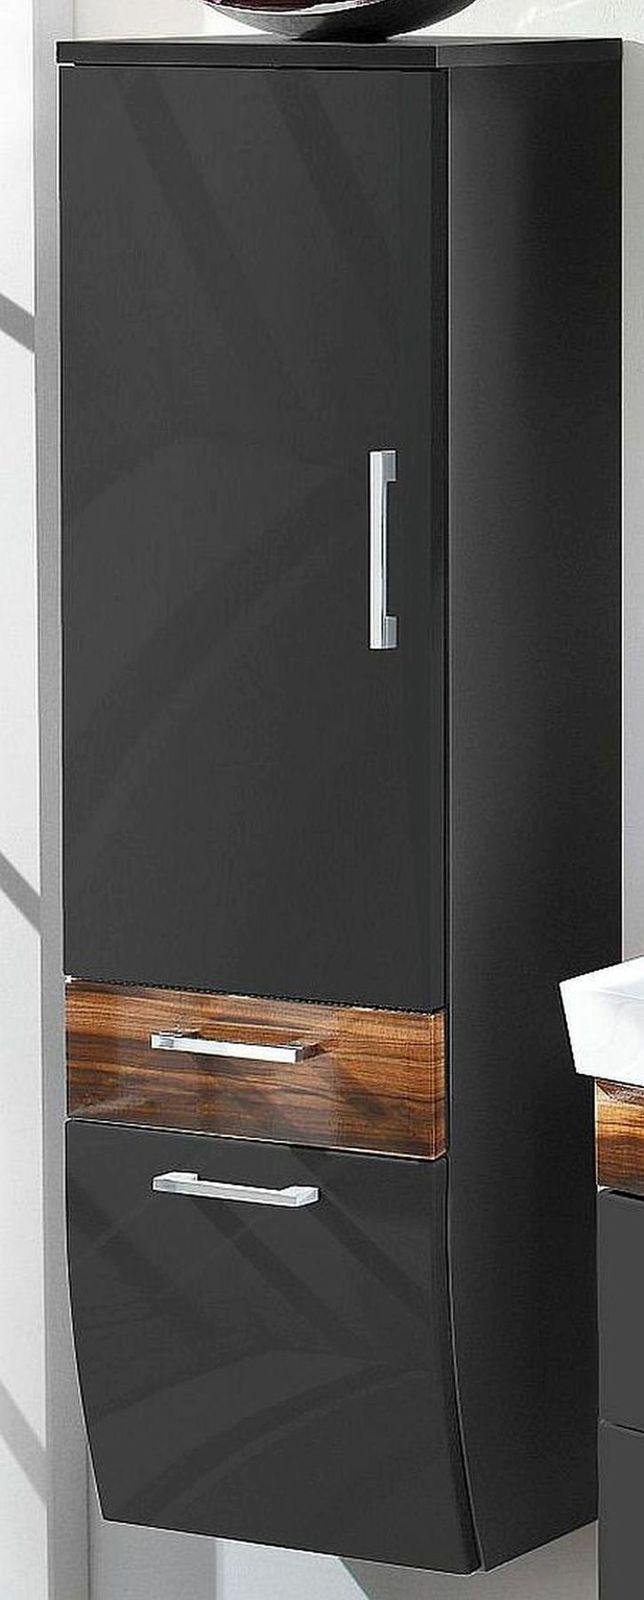 Badezimmer Hochschrank Hängend, bad hochschrank 40 cm badschrank hängend badmöbel badezimmer schrank, Design ideen